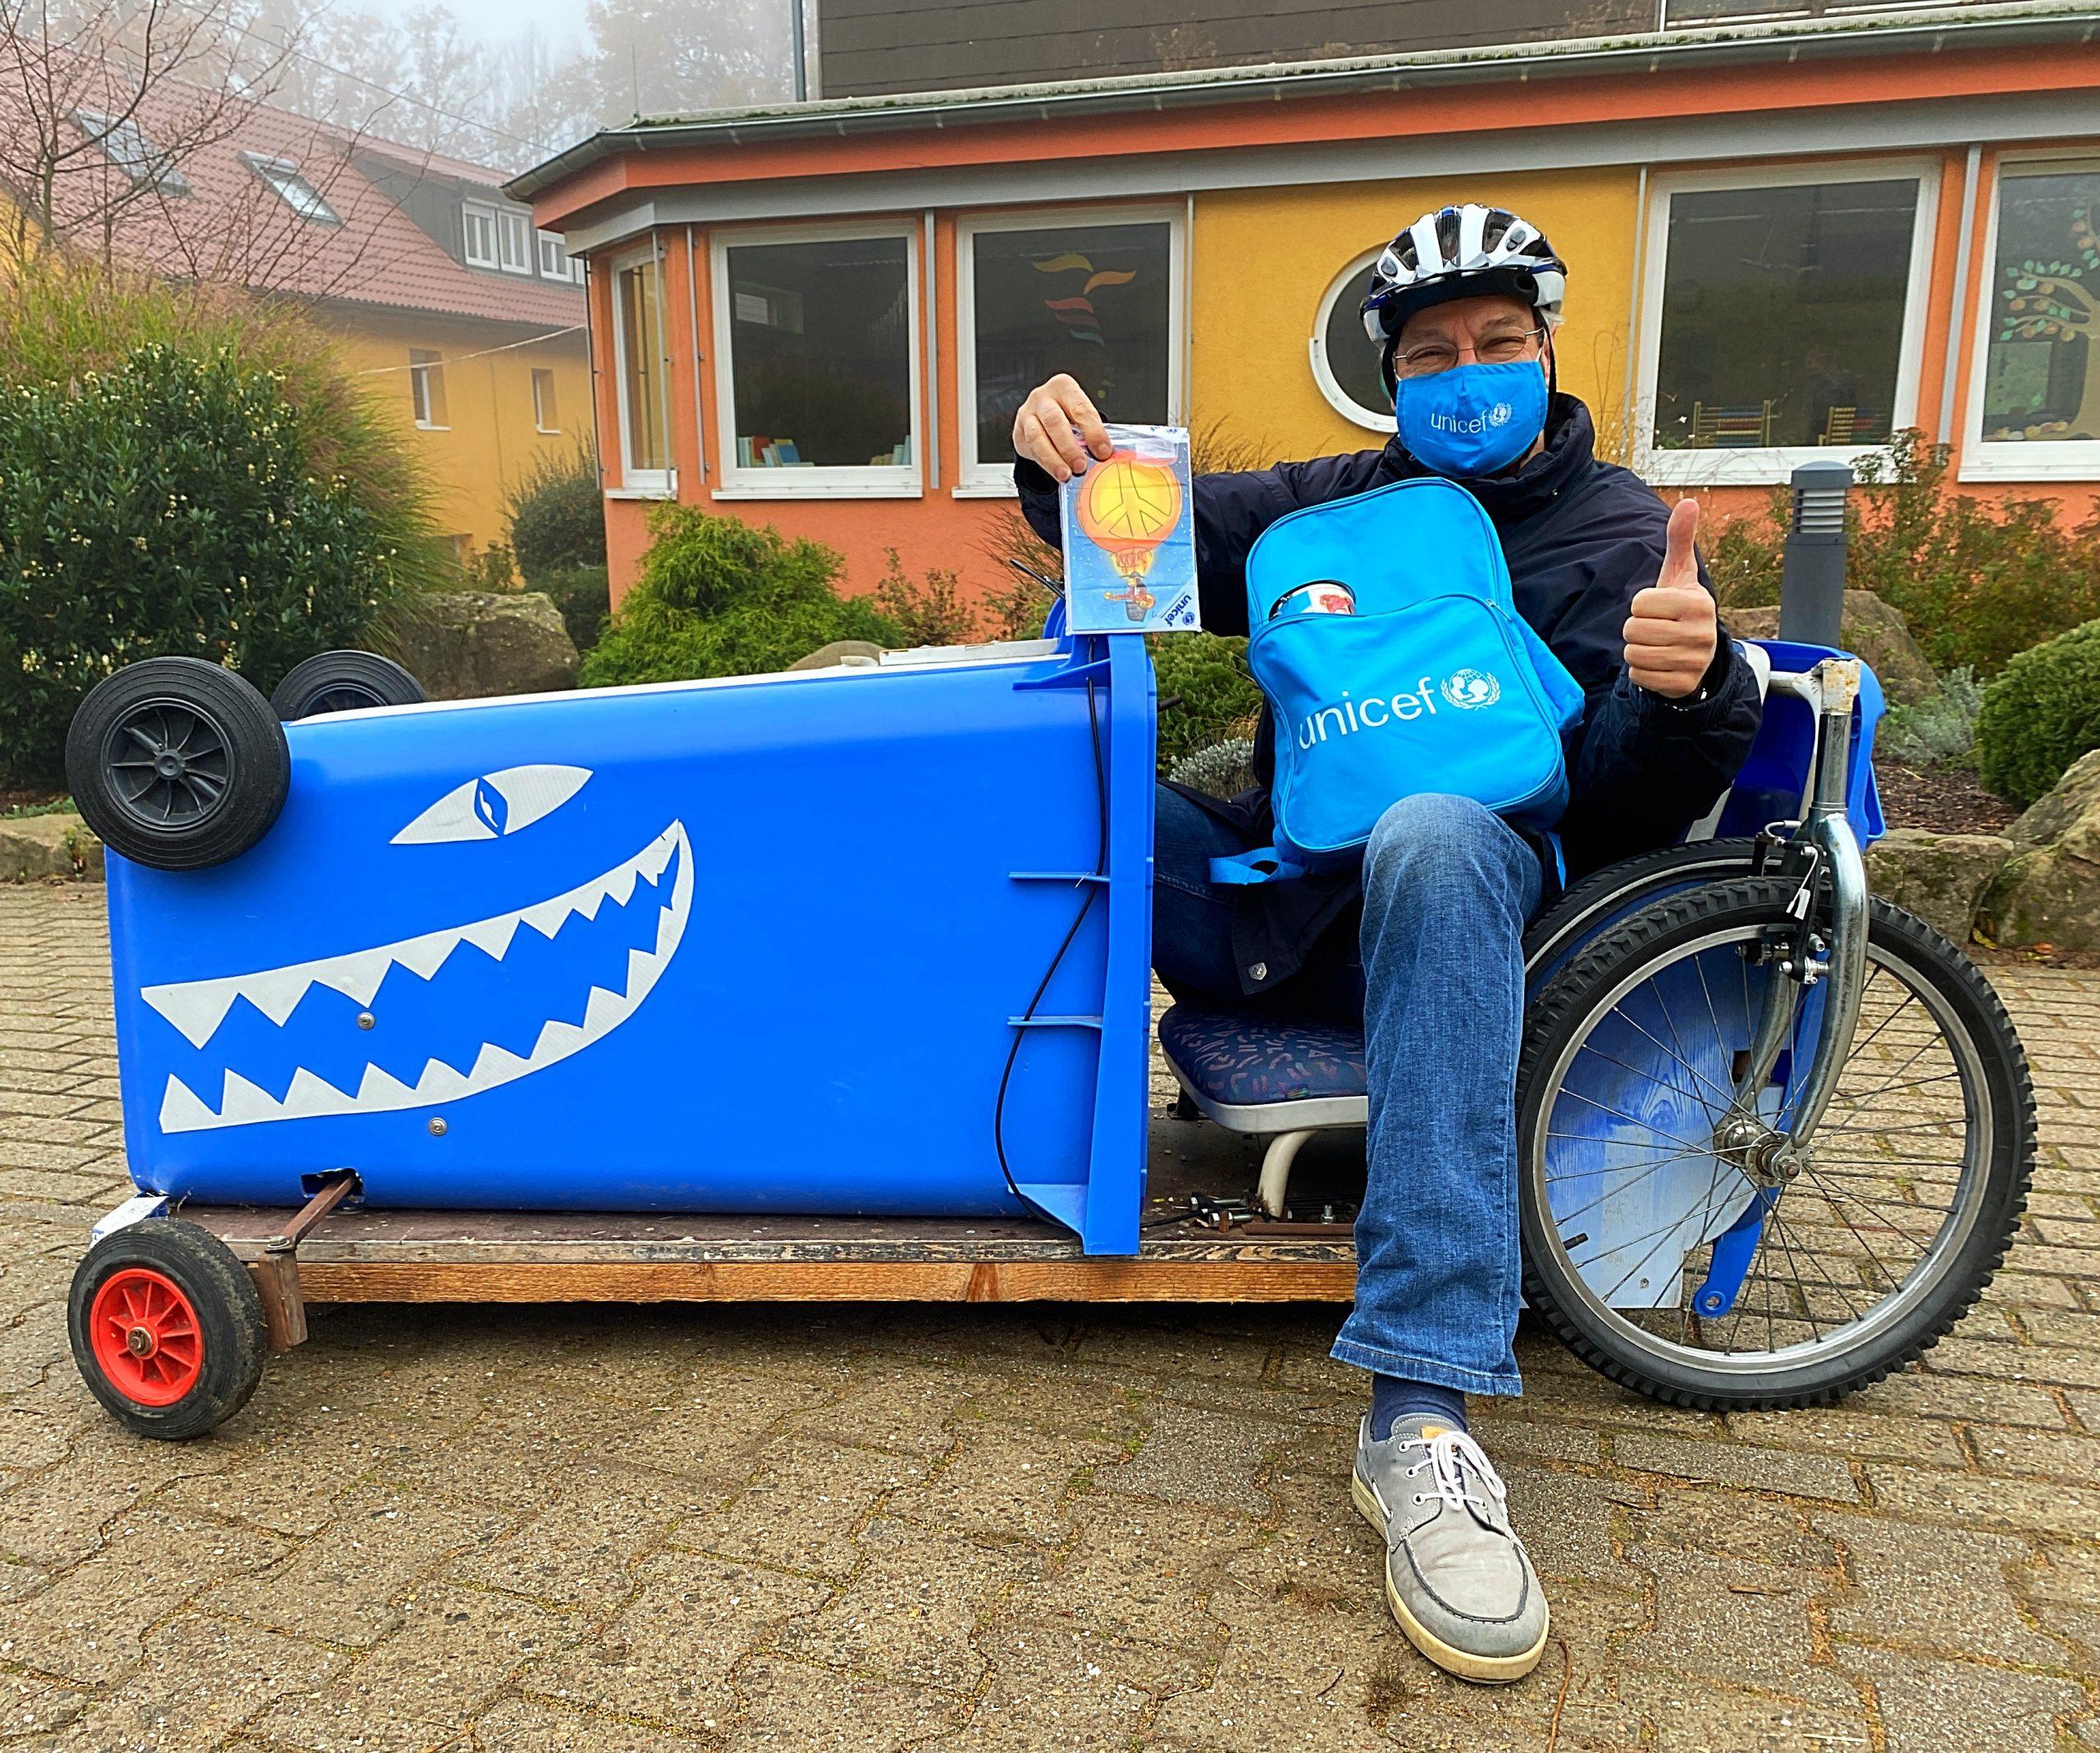 """Projekt """"Blaue Radler"""" oder """"UNICEF-Grußkarten to go""""- die Waldhausschule ist dabei"""